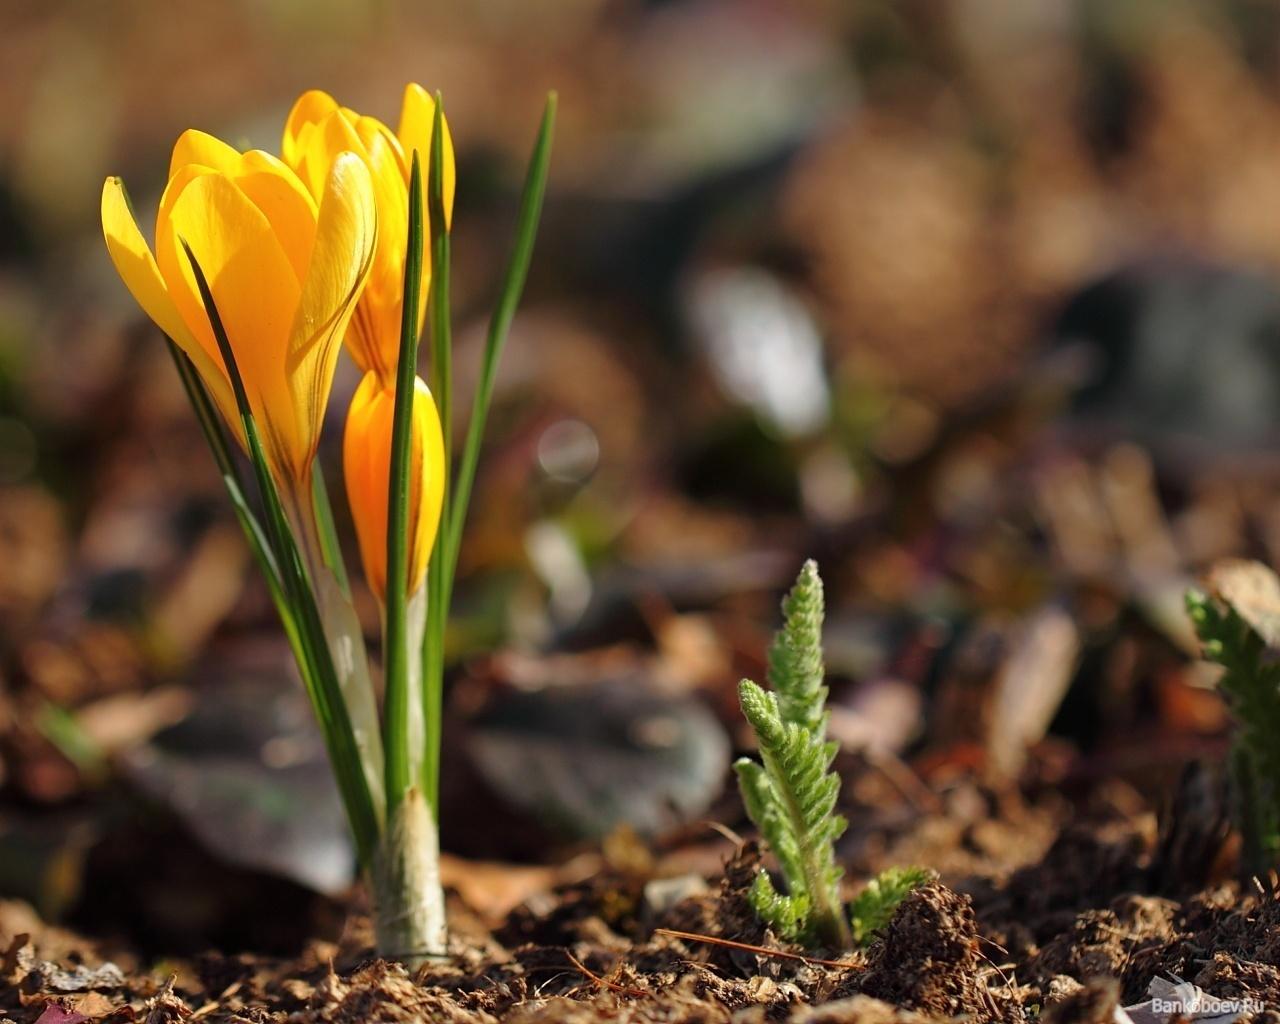 20098 скачать обои Растения, Цветы - заставки и картинки бесплатно